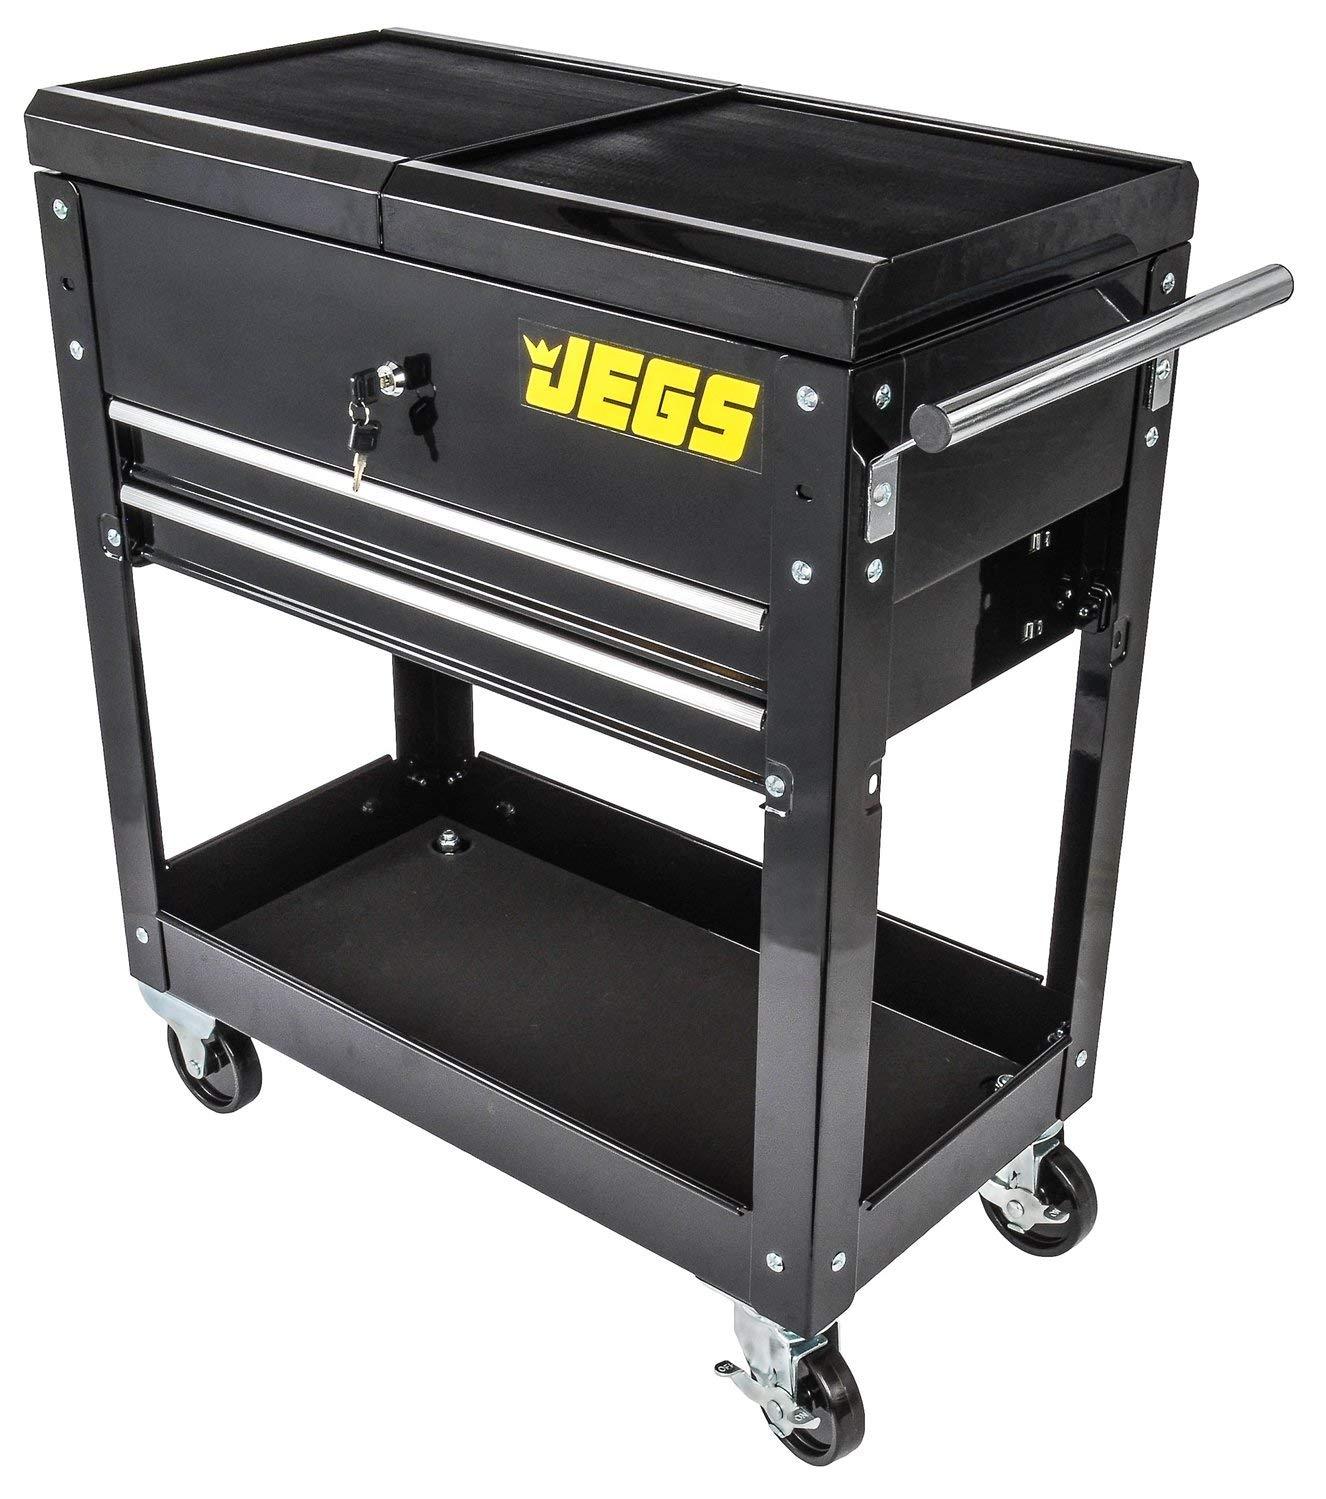 JEGS 81412 Heavy Duty Sliding Capacity